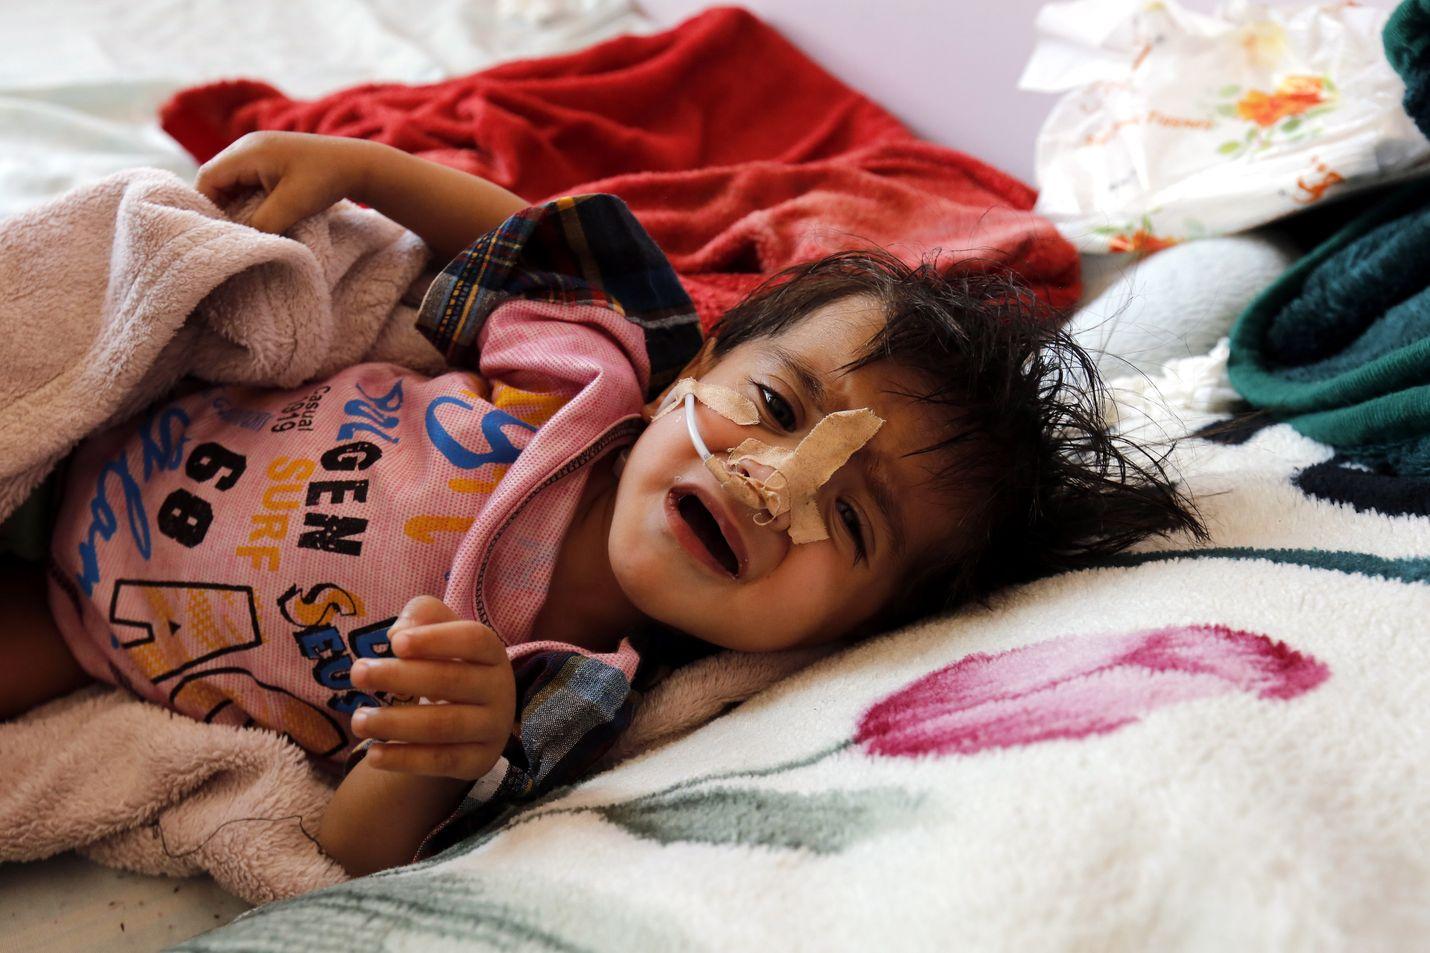 Sodan tulos. Aliravittu lapsi makaa sairaalassa Jemenin pääkaupungissa Sanaassa 18. maaliskuuta. Raporttien mukaan yli kaksi miljoonaa lasta kärsii Jemenissä akuutista aliravitsemuksesta.